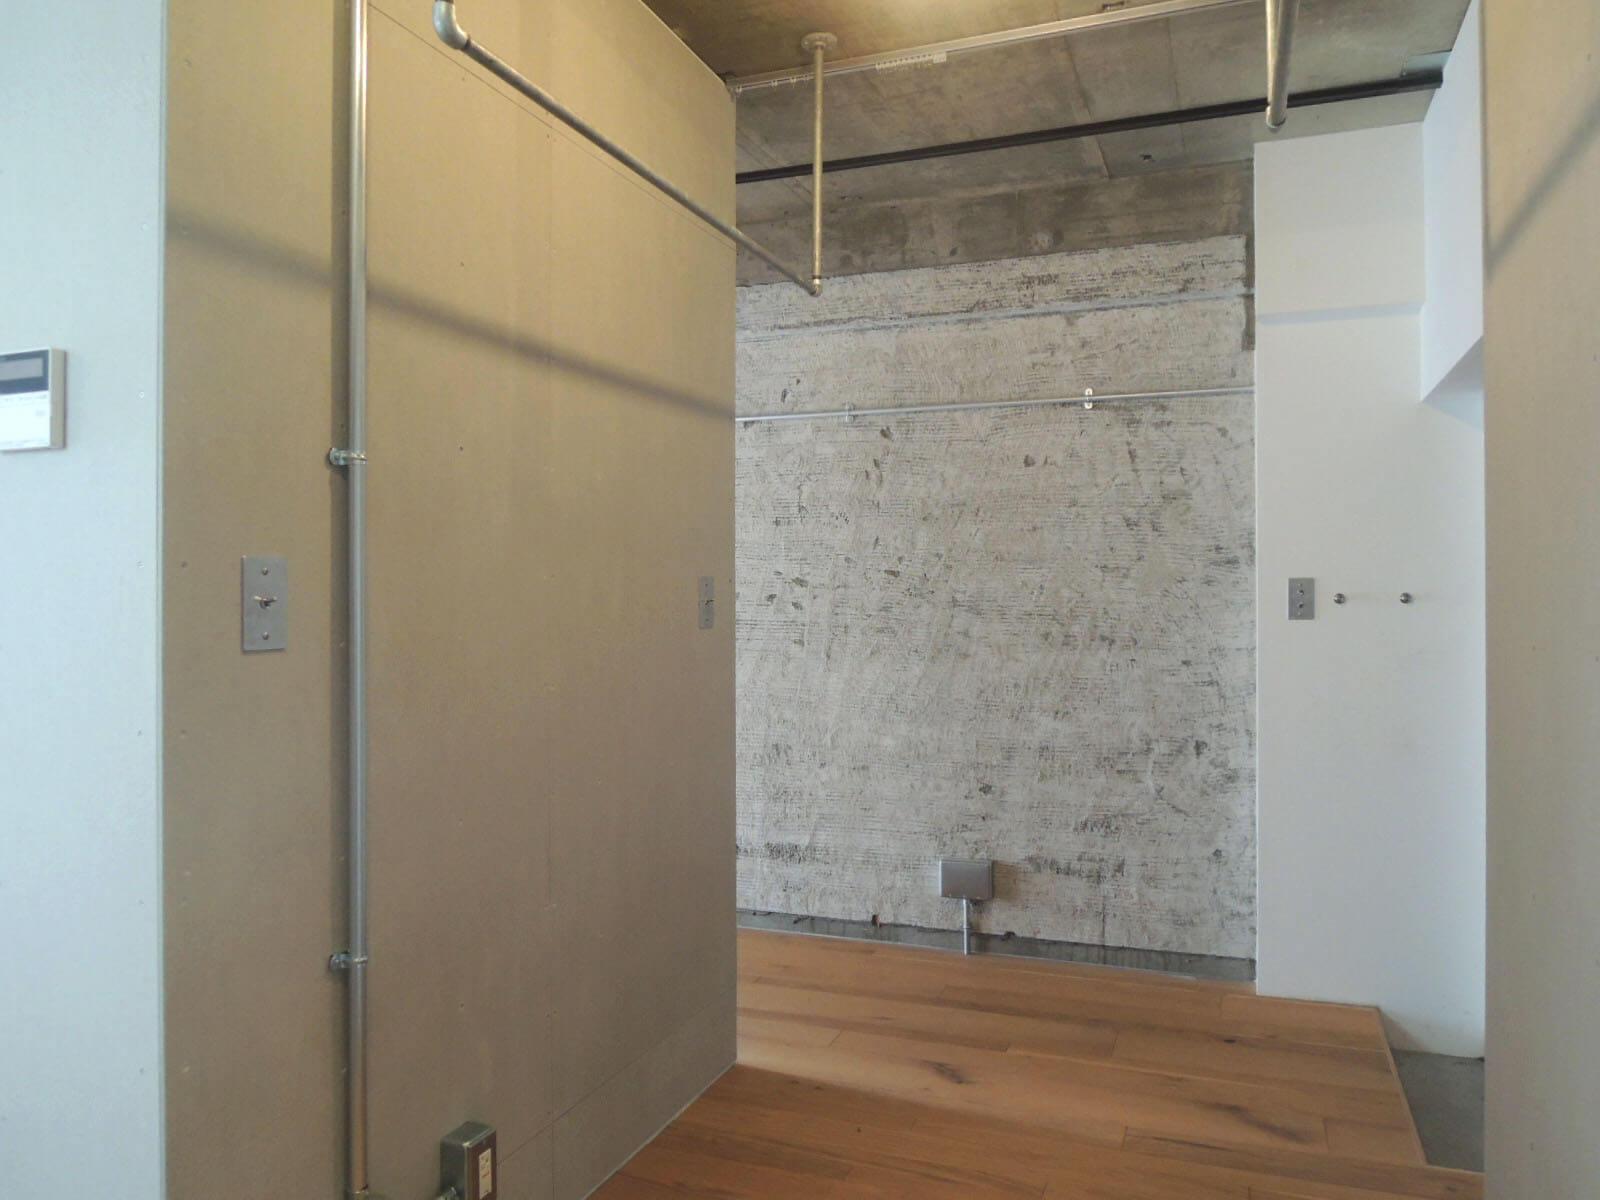 振り返り。このスペースをカーテンで仕切ればクローゼットや納戸にすることも。